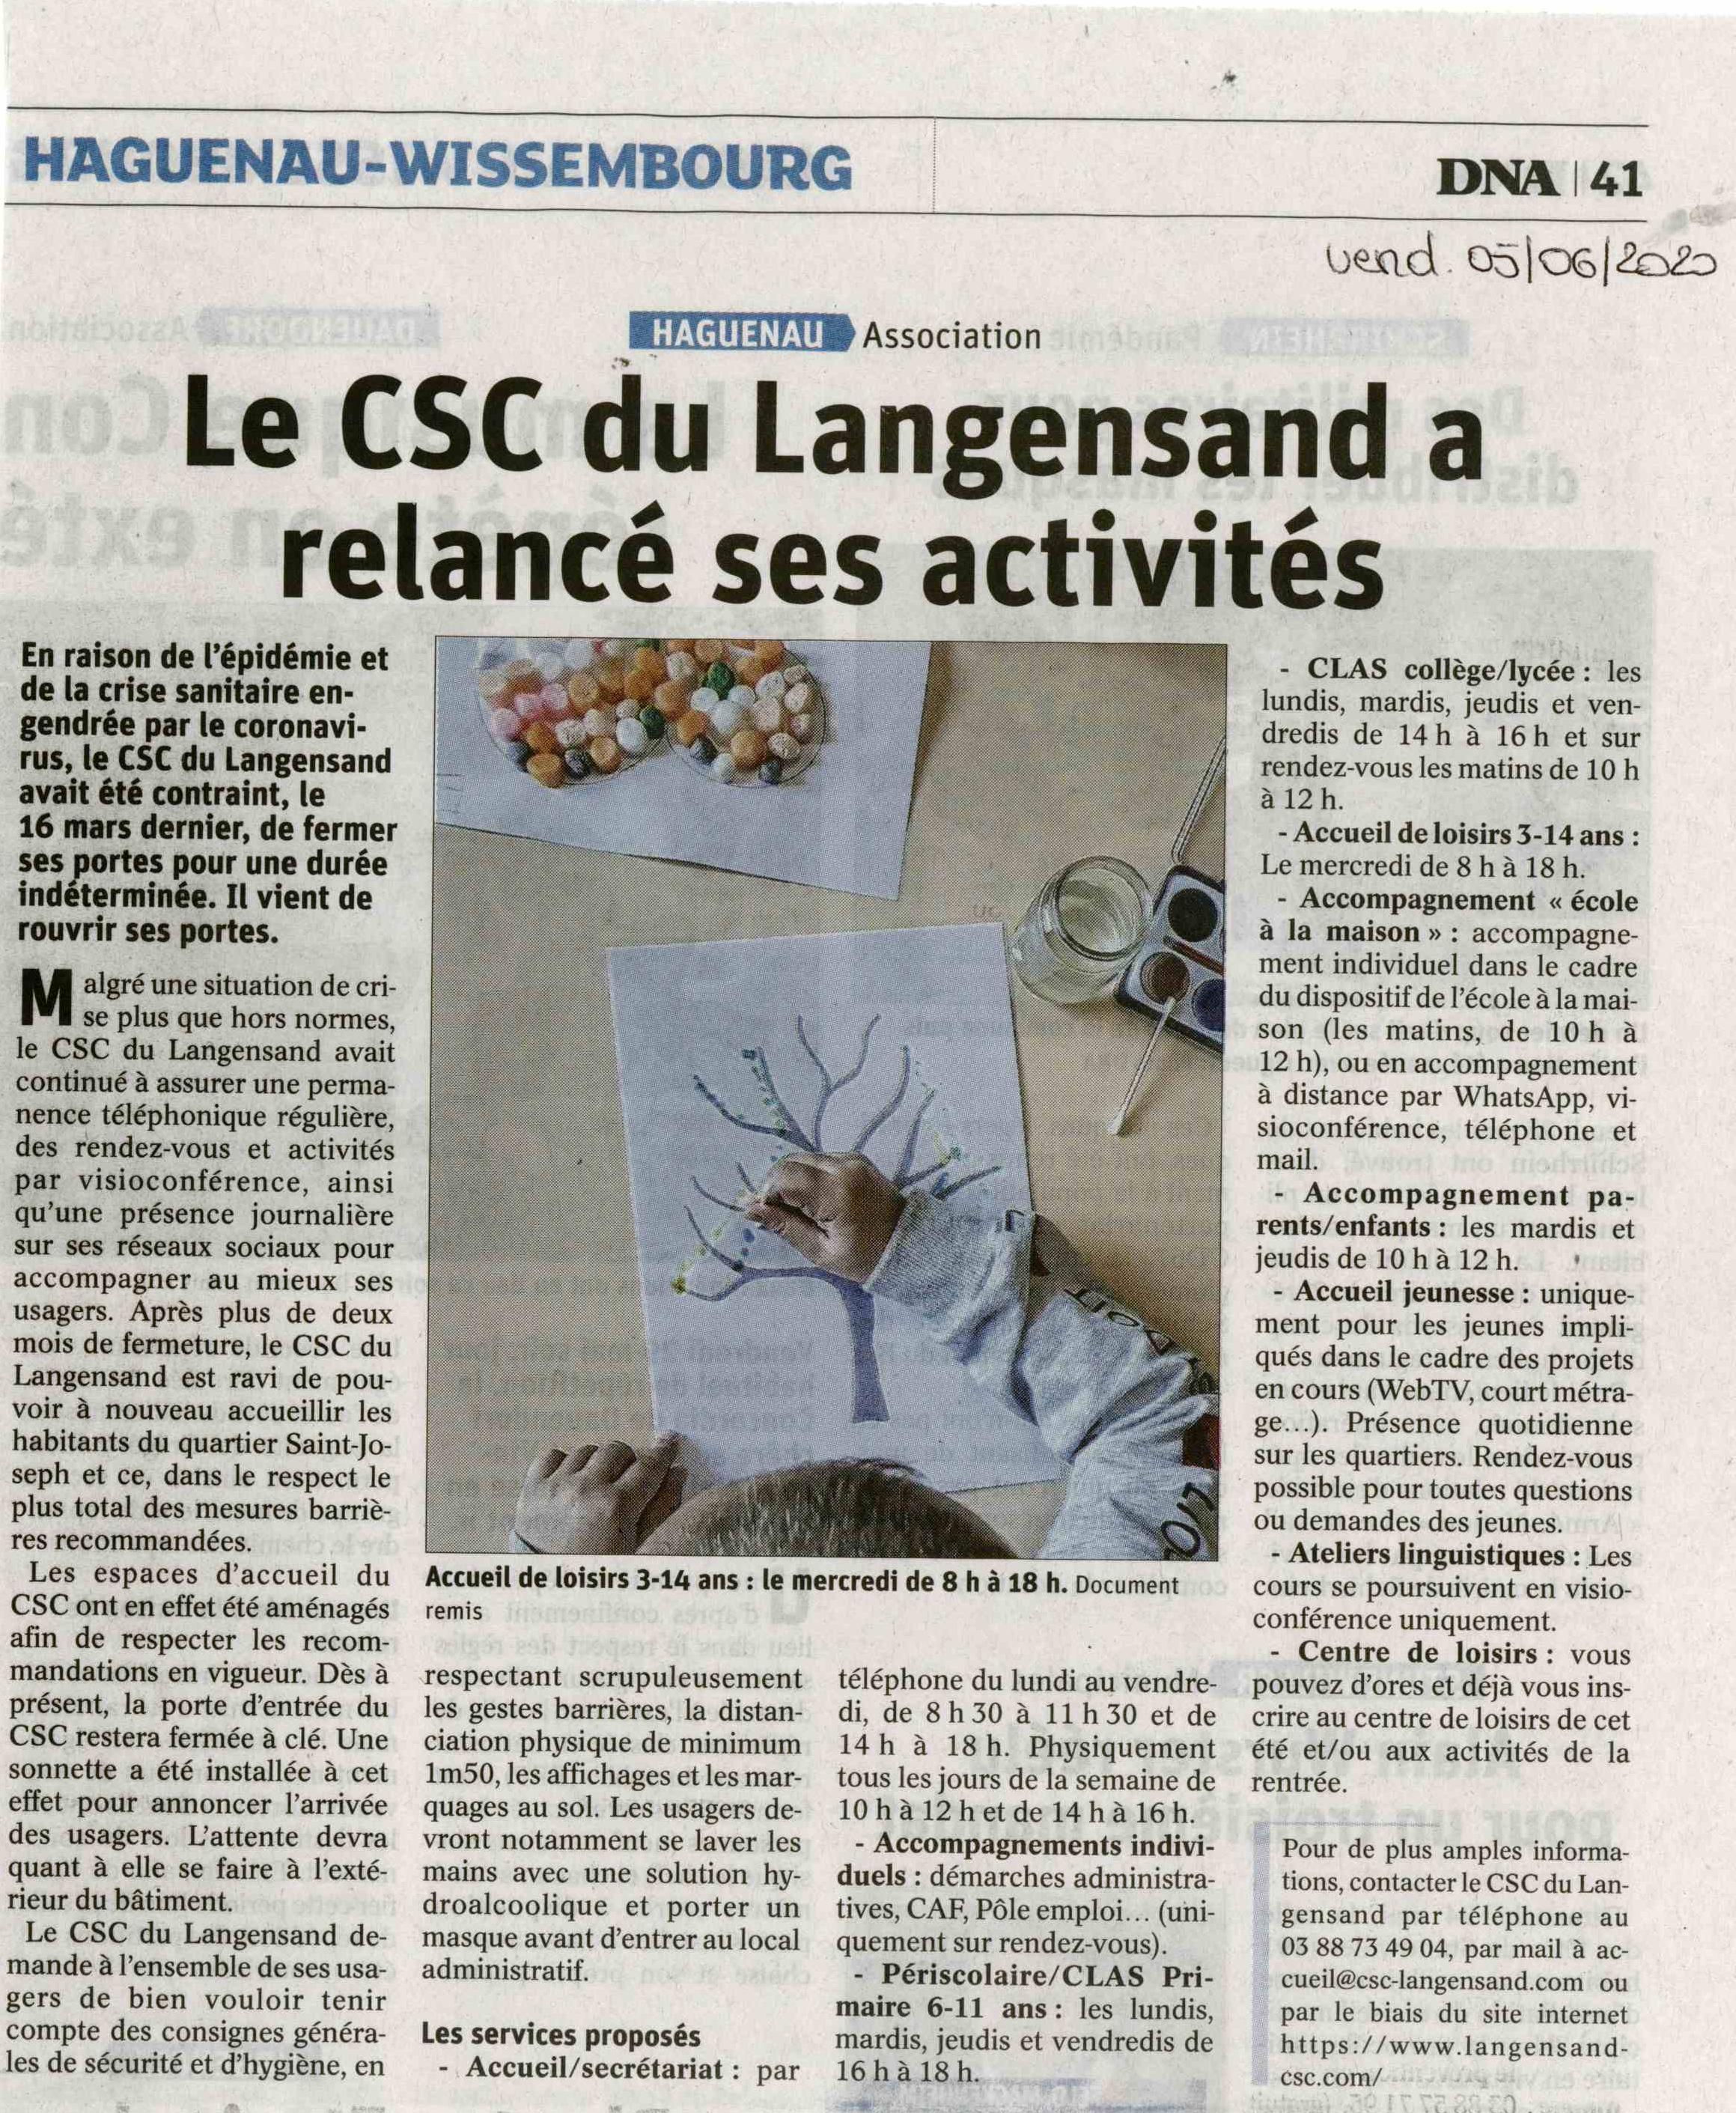 Le CSC du Langensand a relancé ses activités - Article DNA